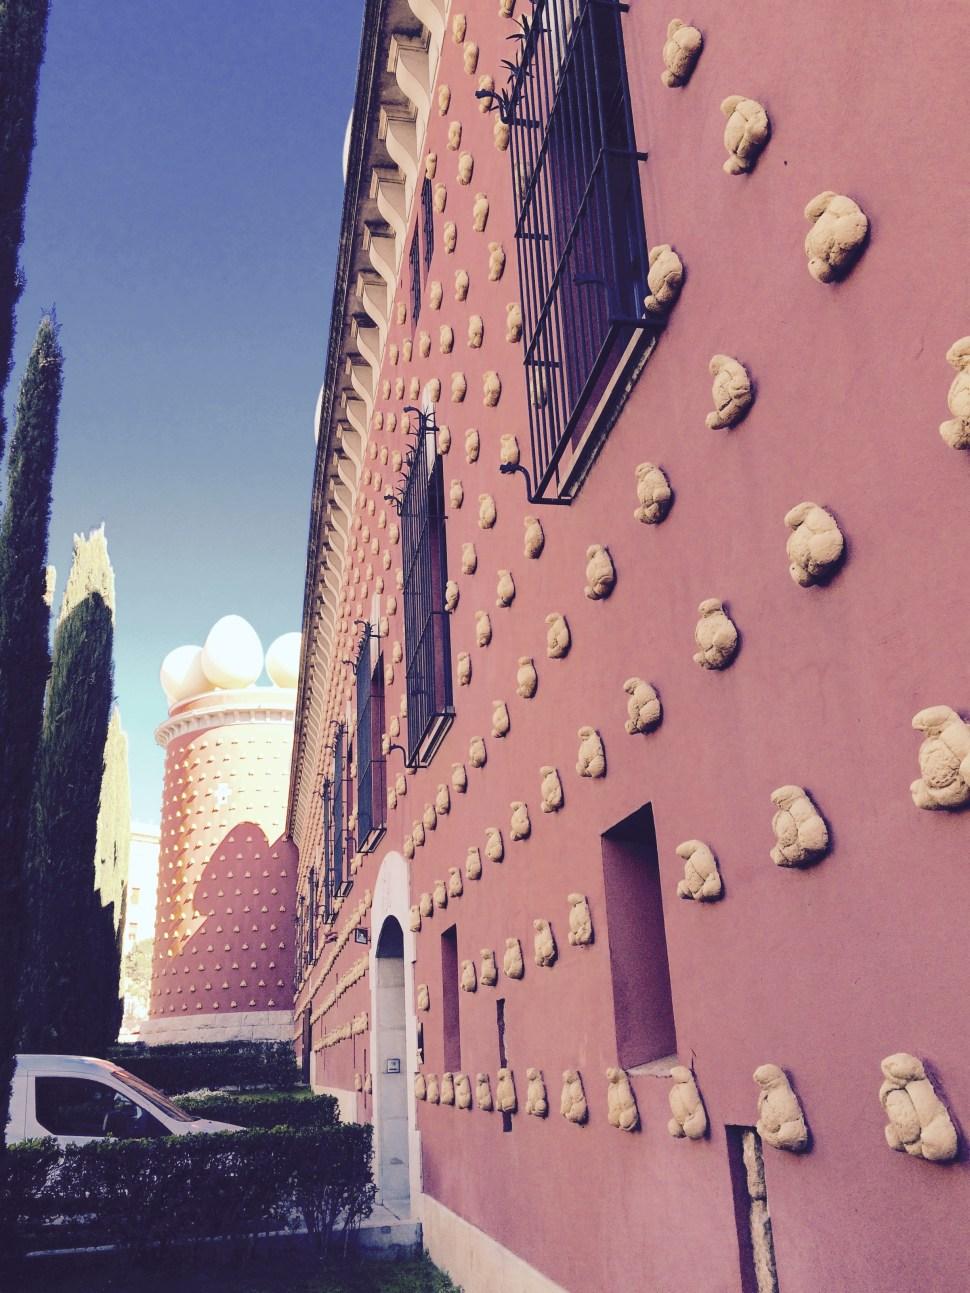 Dalí's Theatre-Museum